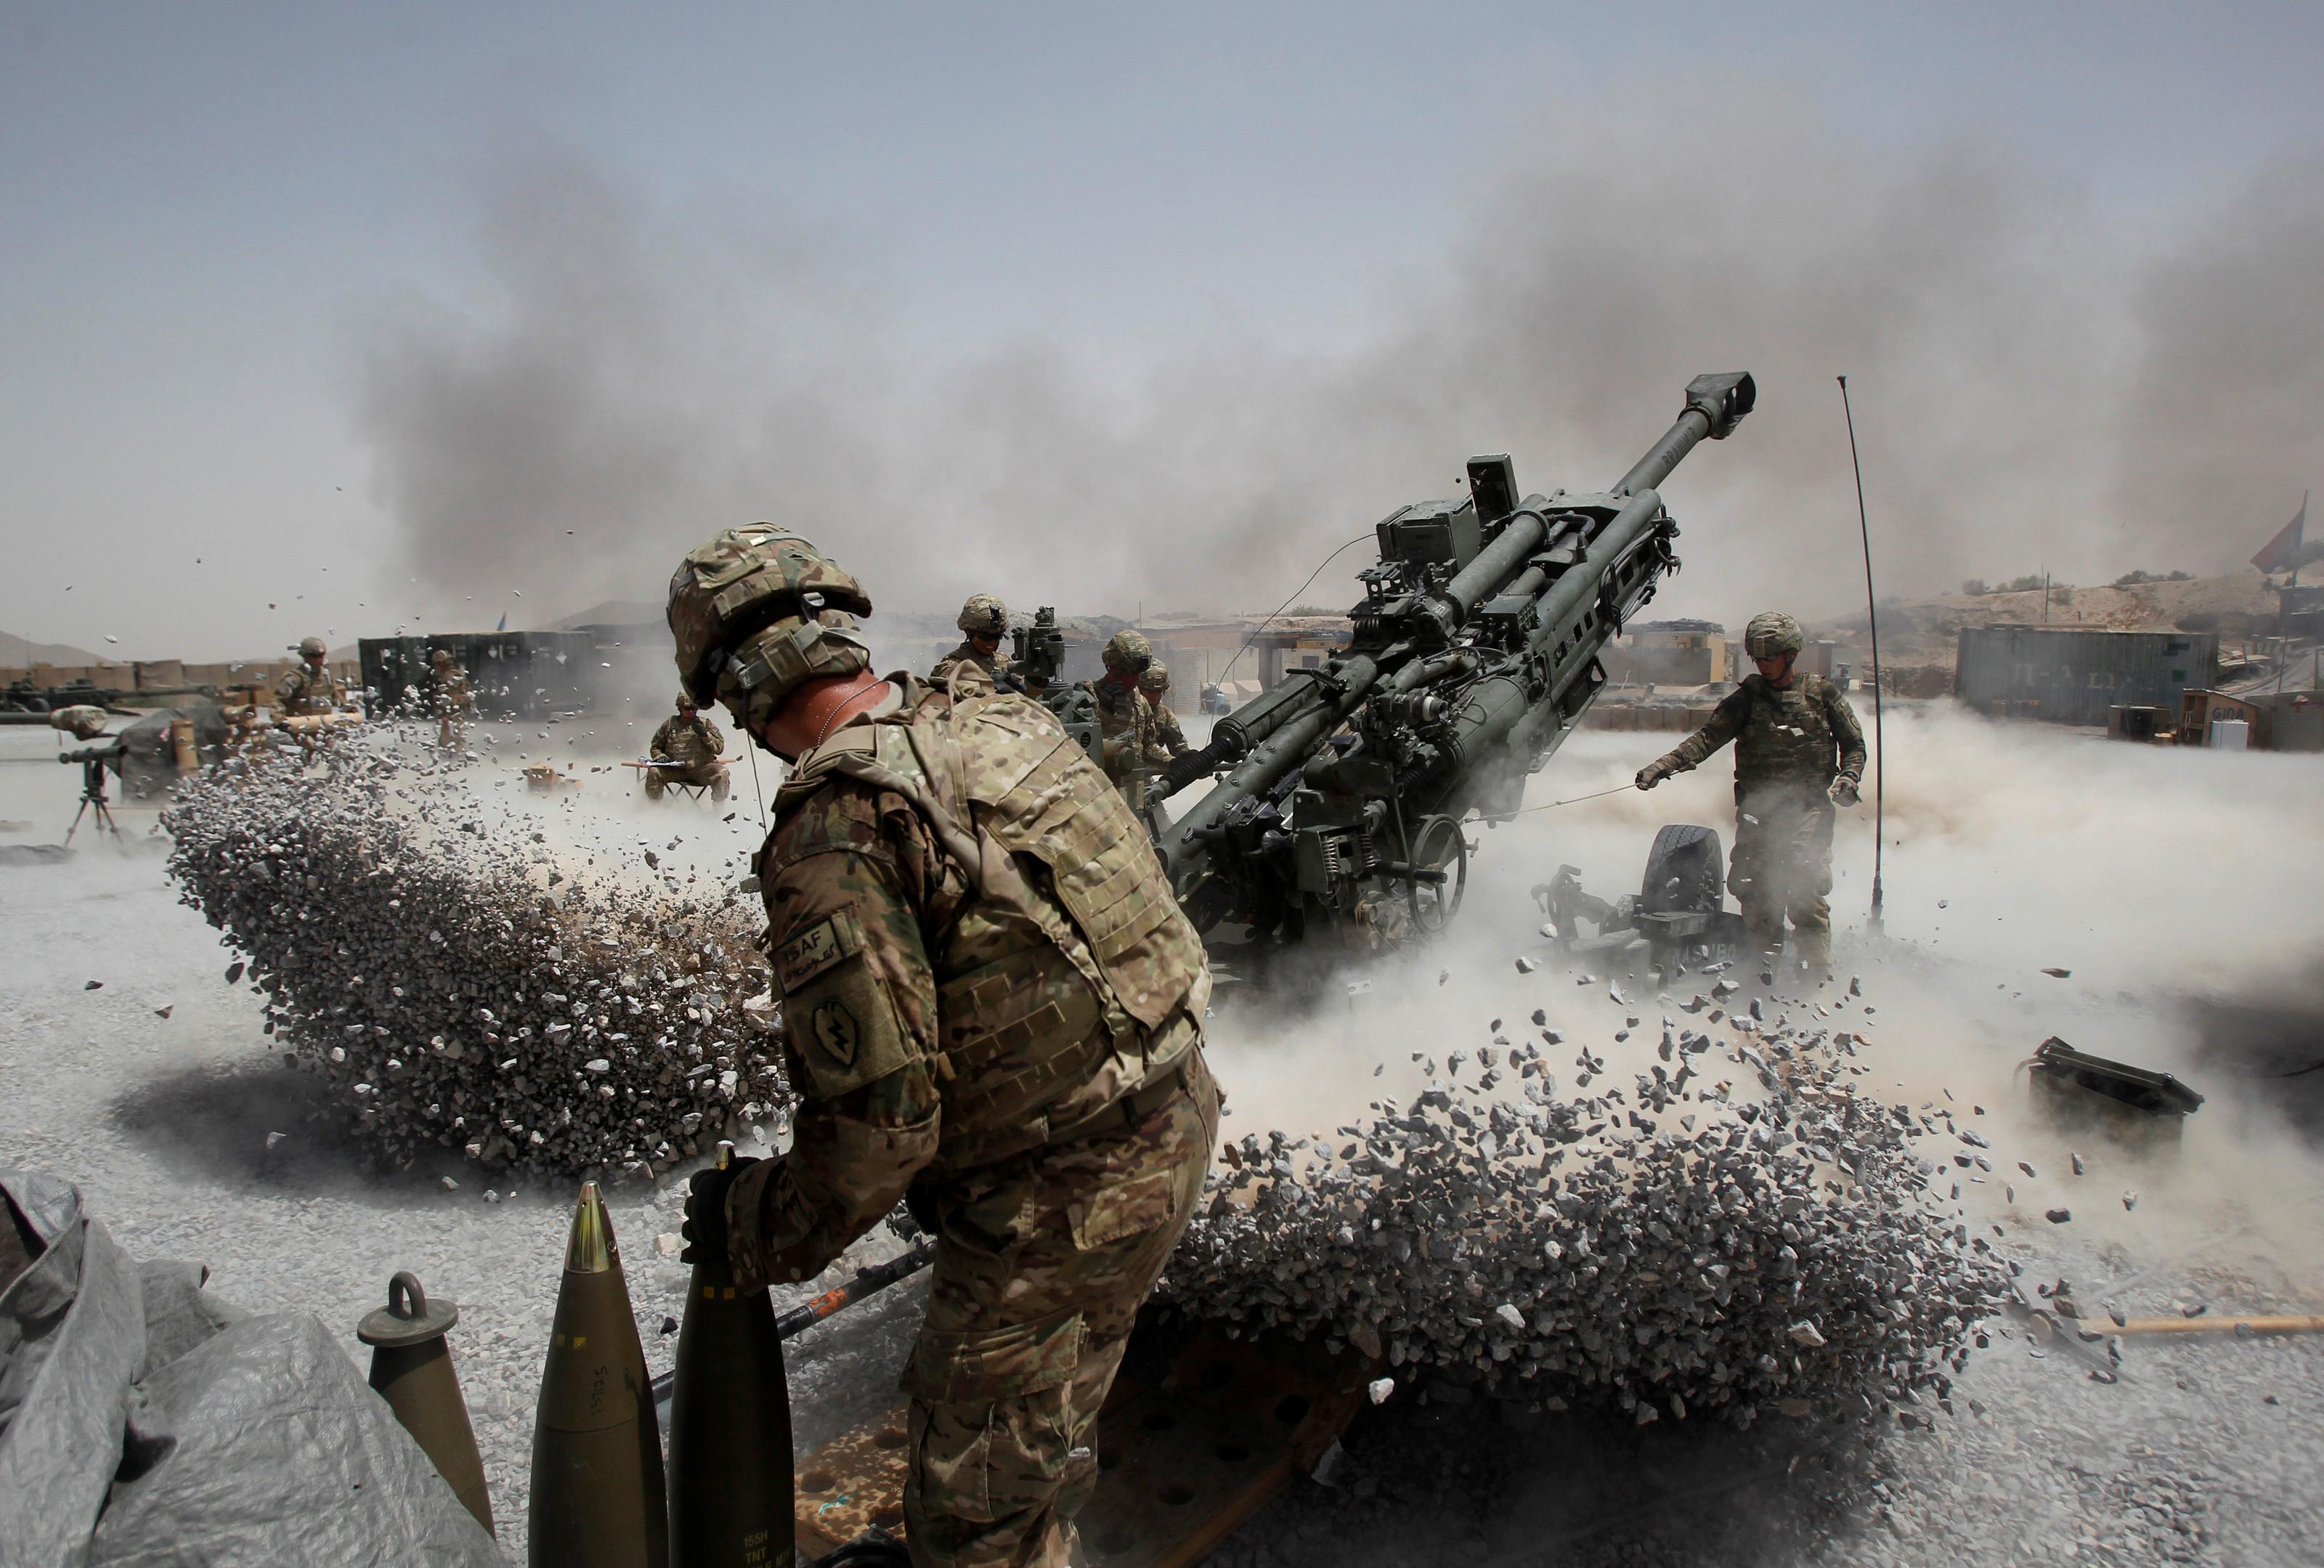 Soldados del Ejército de EE.UU. del 2º Pelotón, batería B 2-8 de artillería de campo, disparan una pieza de artillería en el distrito de Panjwai, provincia de Kandahar, sur de Afganistán, el 12 de junio de 2011 (Reuters)